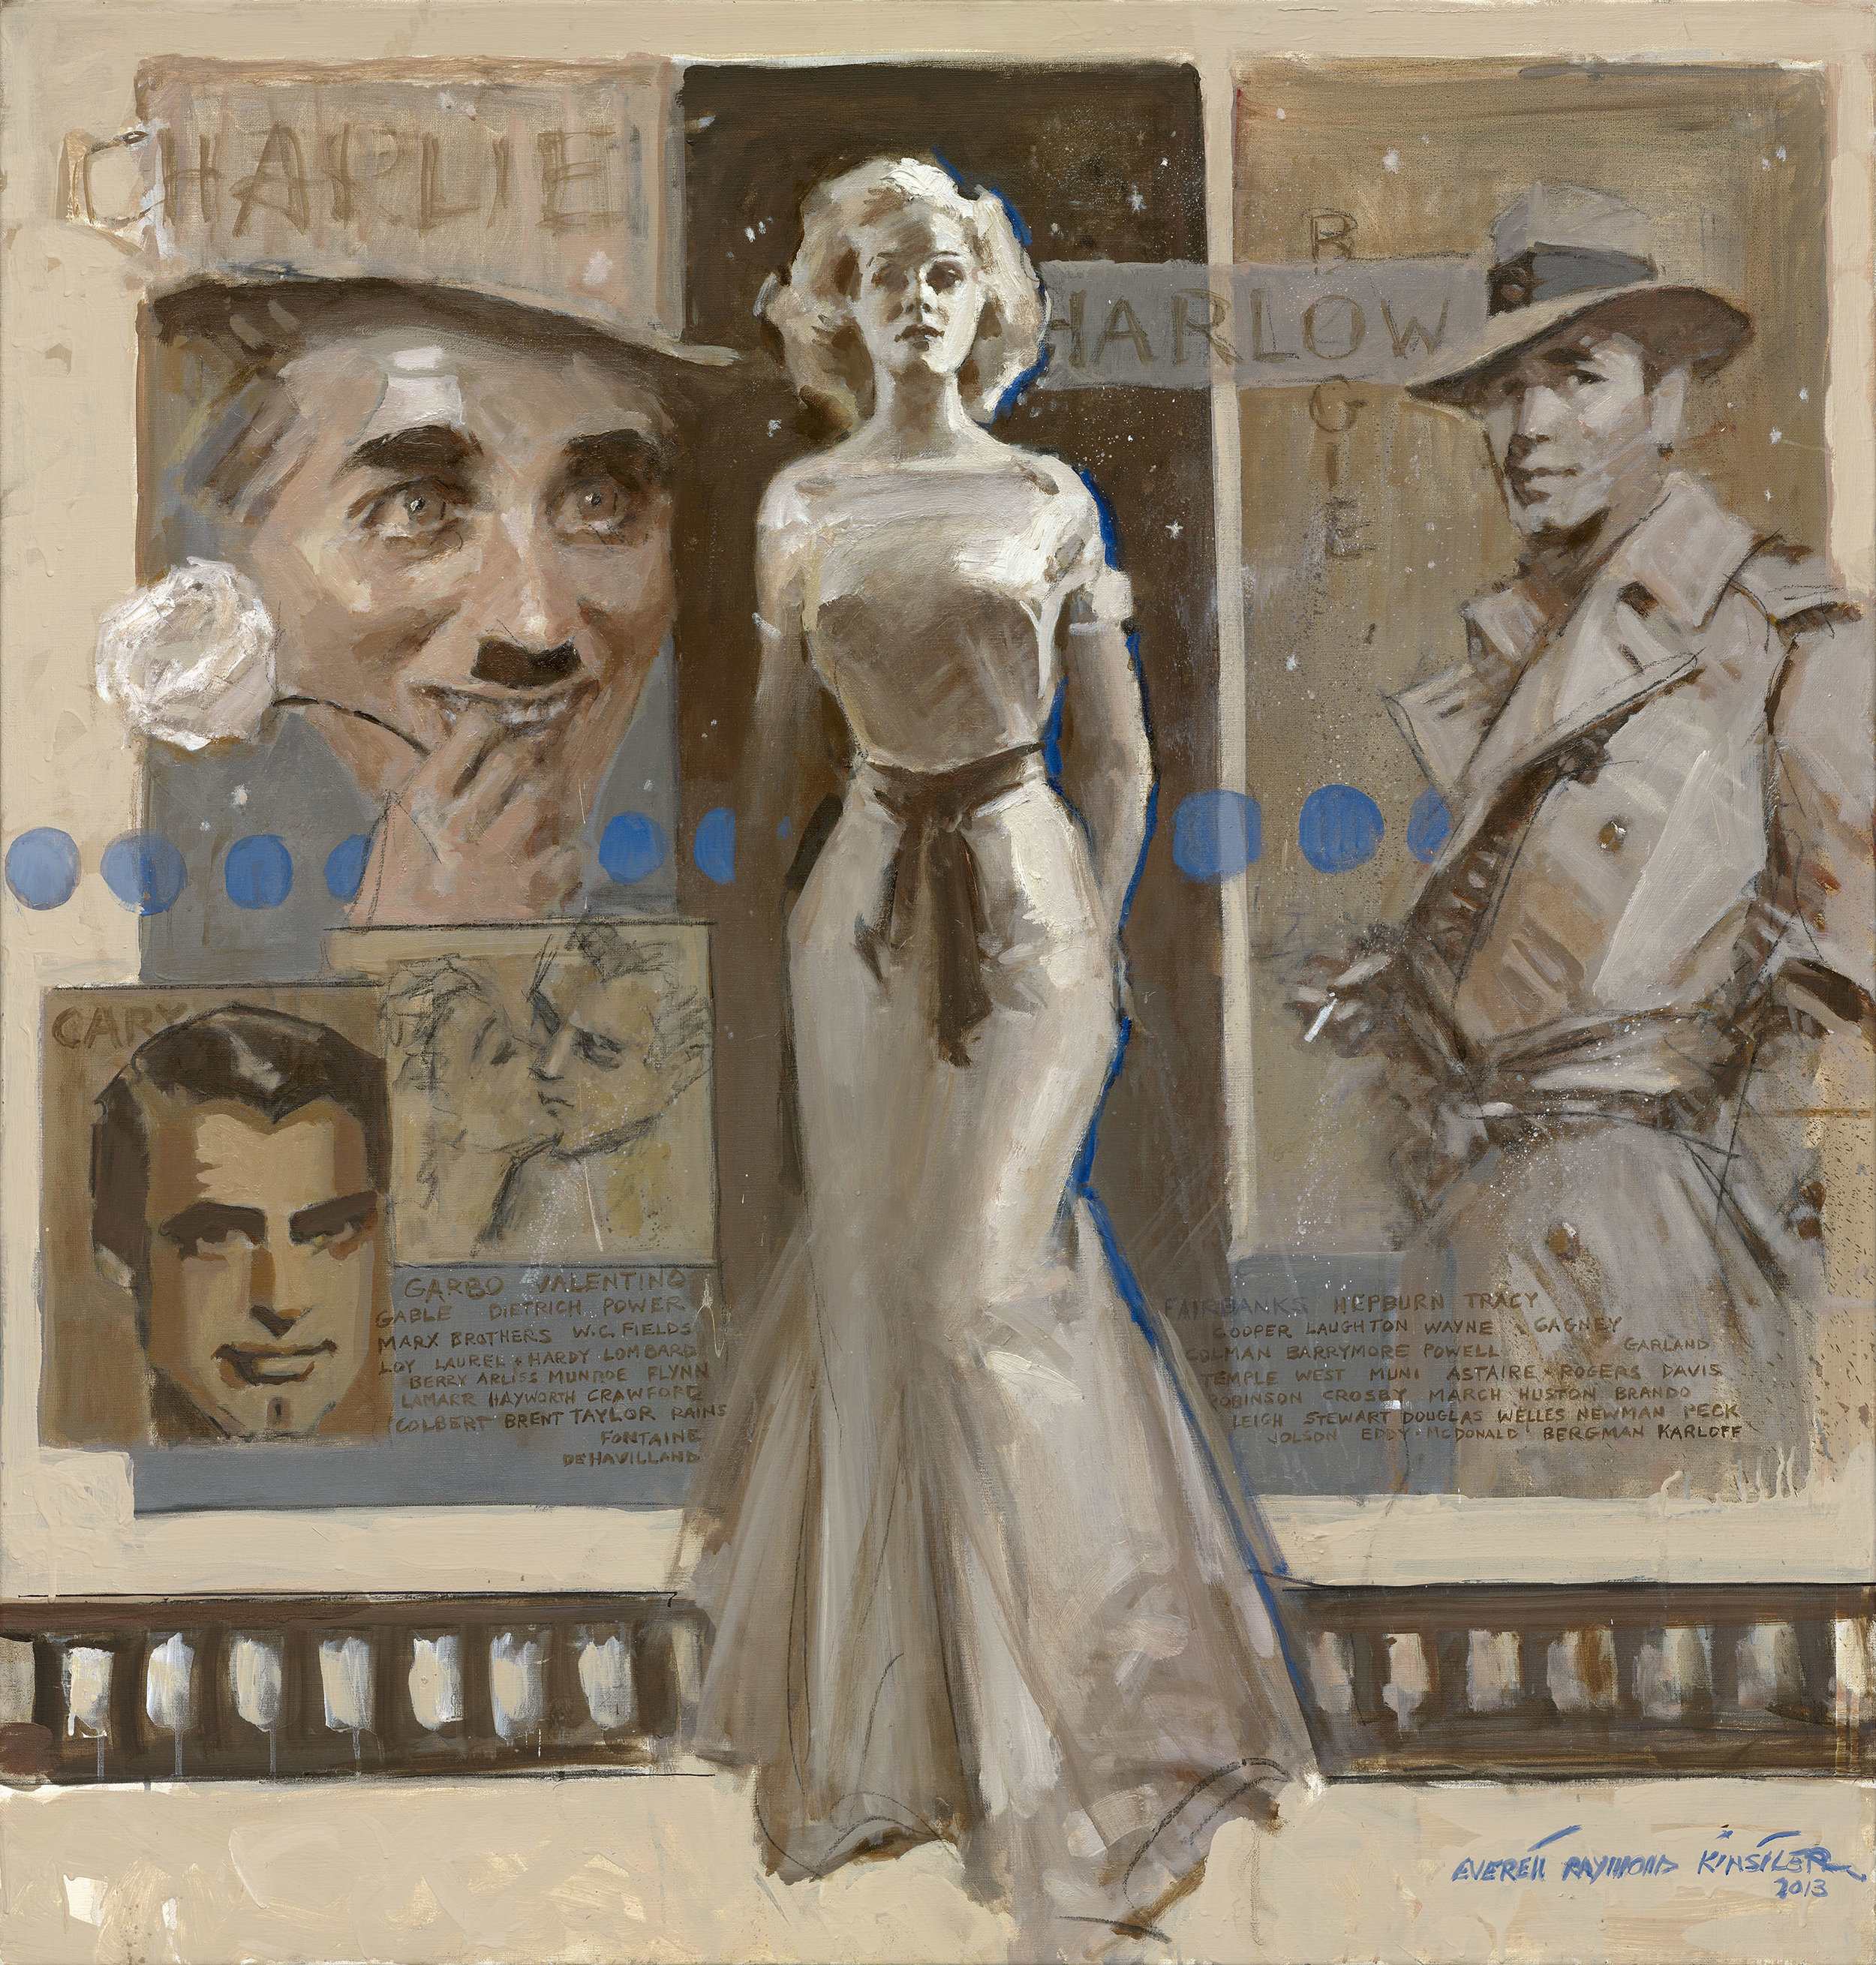 Copy of American Masters Exhibition